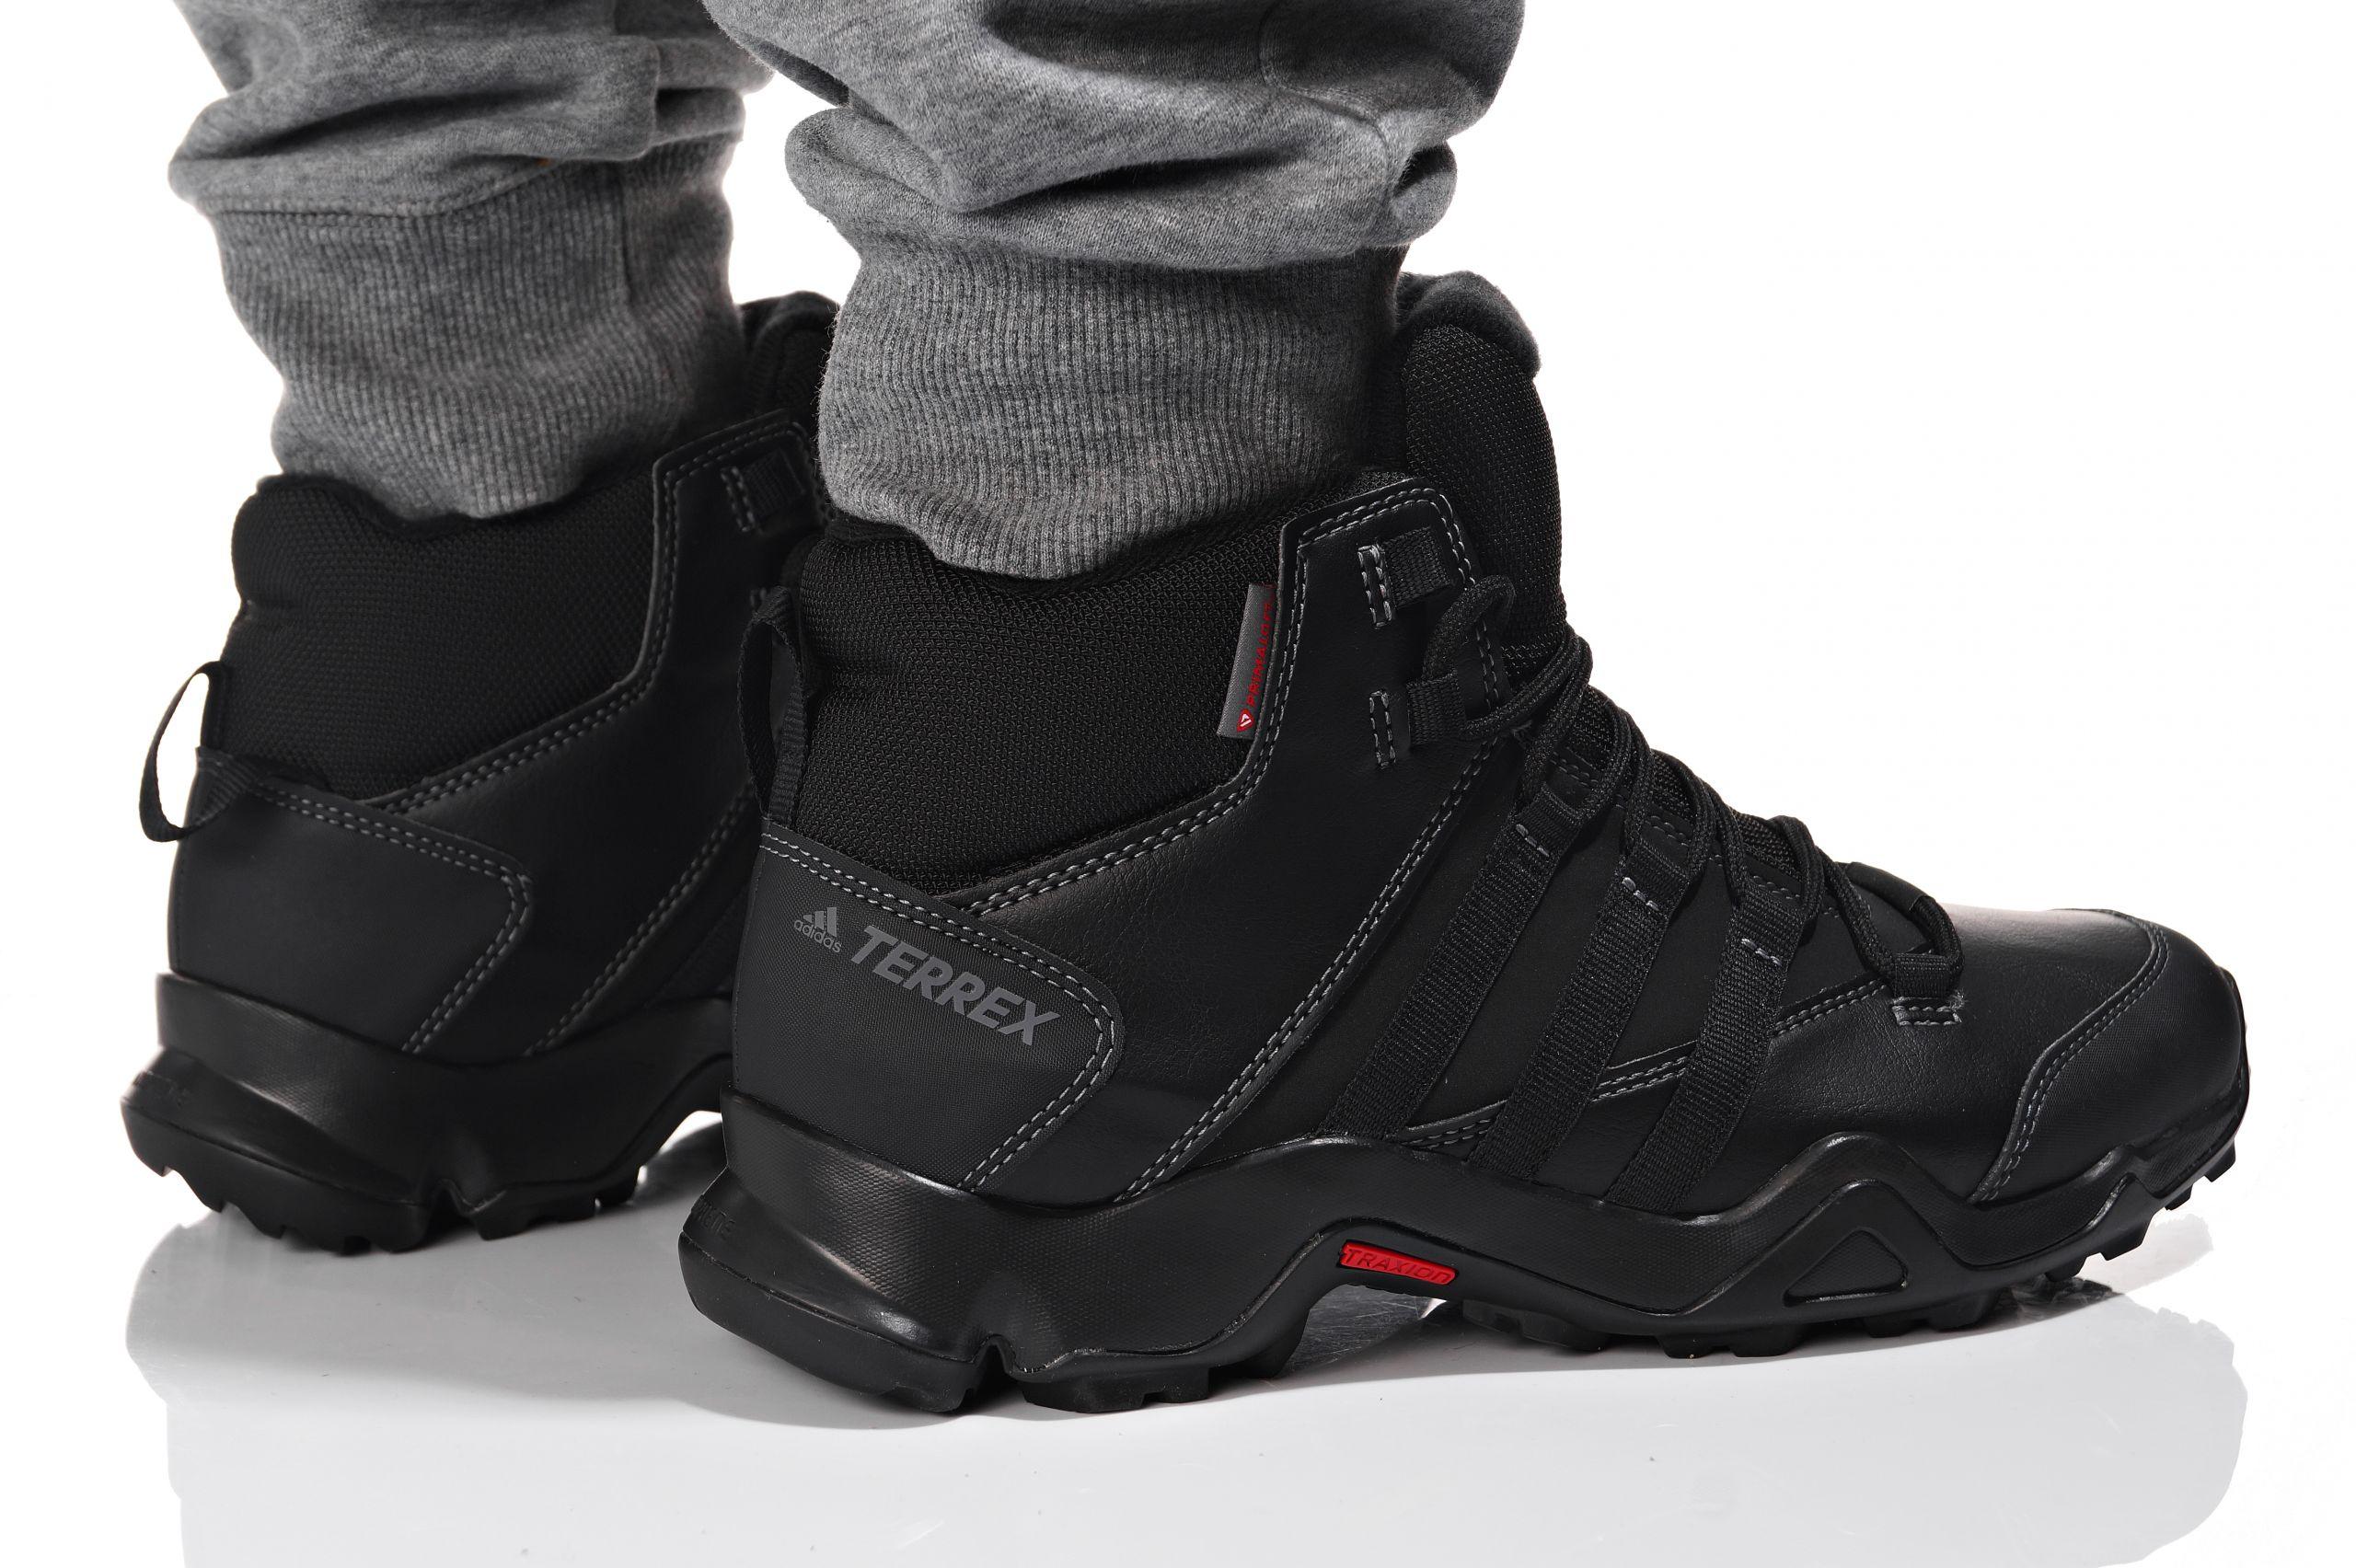 Wielka wyprzedaż dostać nowe kupuję teraz 7b463f21d7 adidas terrex beta mid cw - thebacolodherald.com